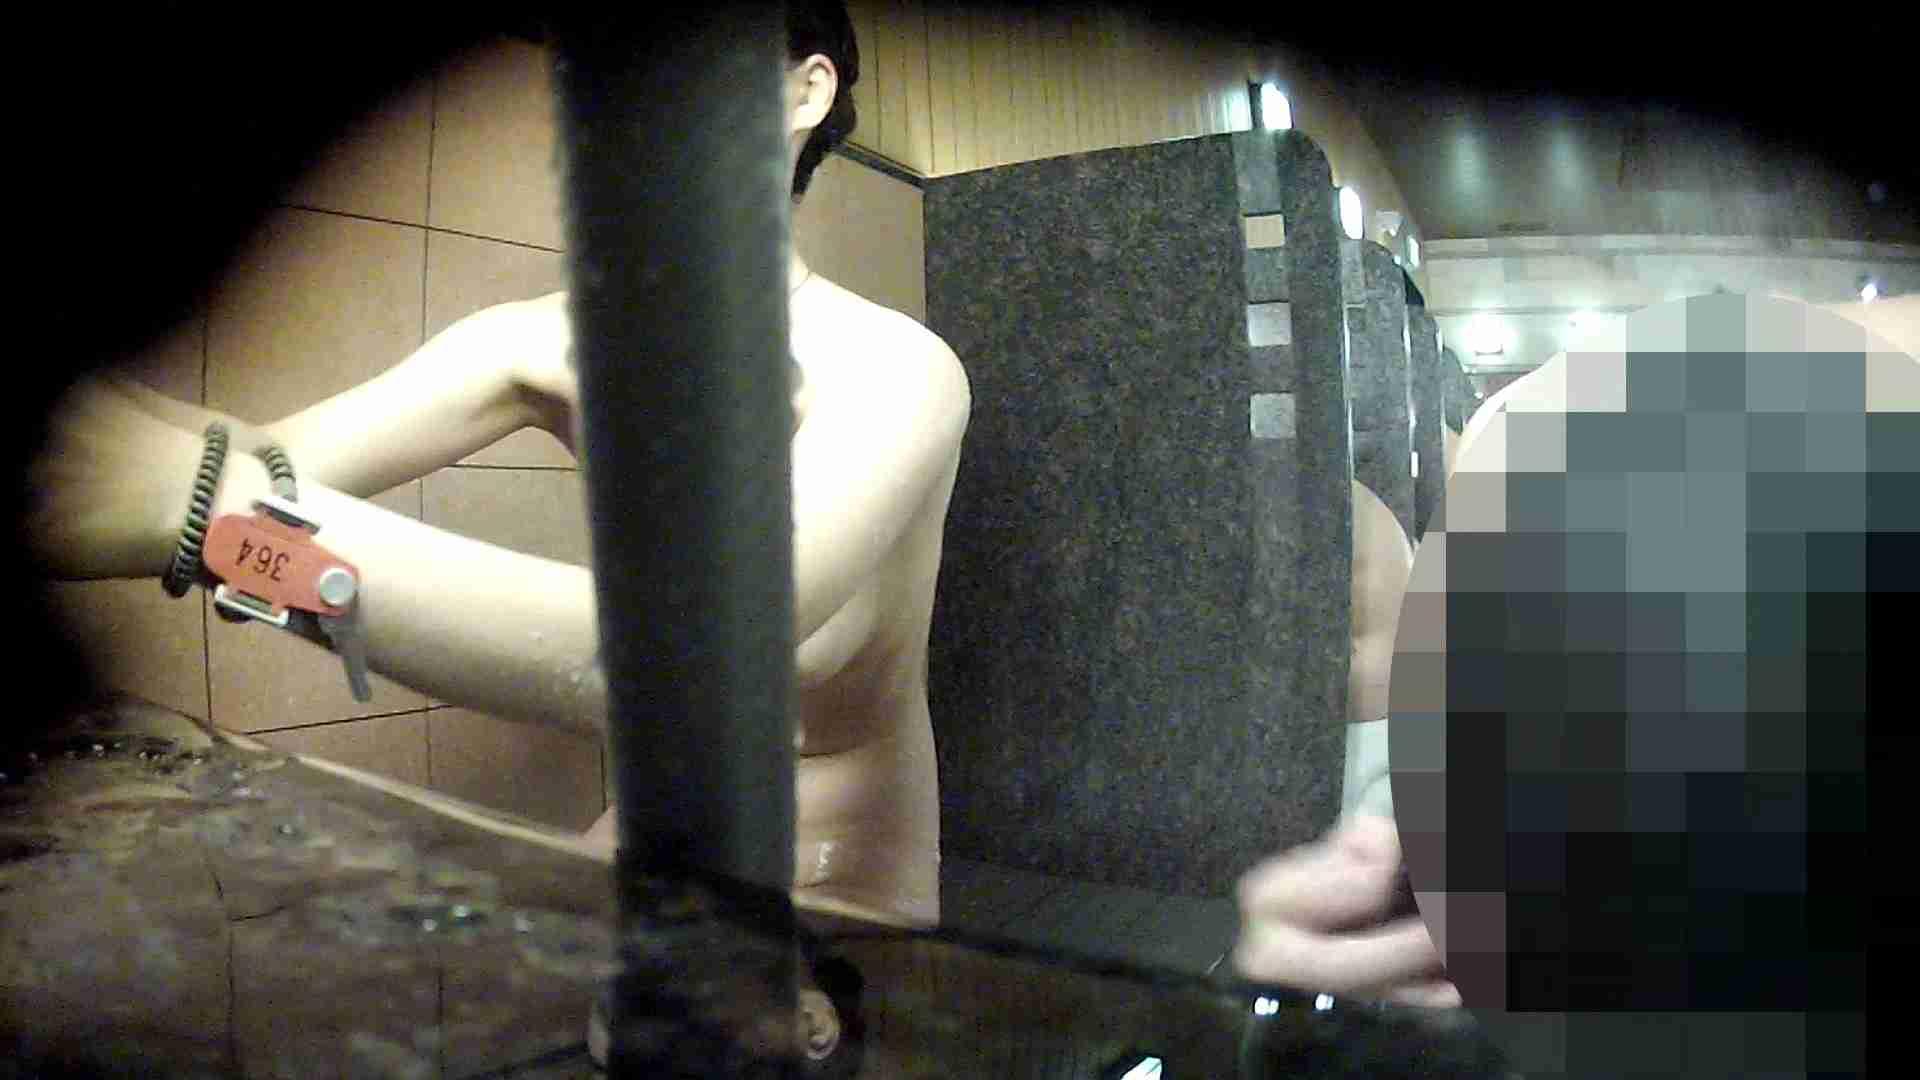 洗い場!今が食べ頃のたわわなオッパイ!サービス付 銭湯のぞき われめAV動画紹介 106画像 87